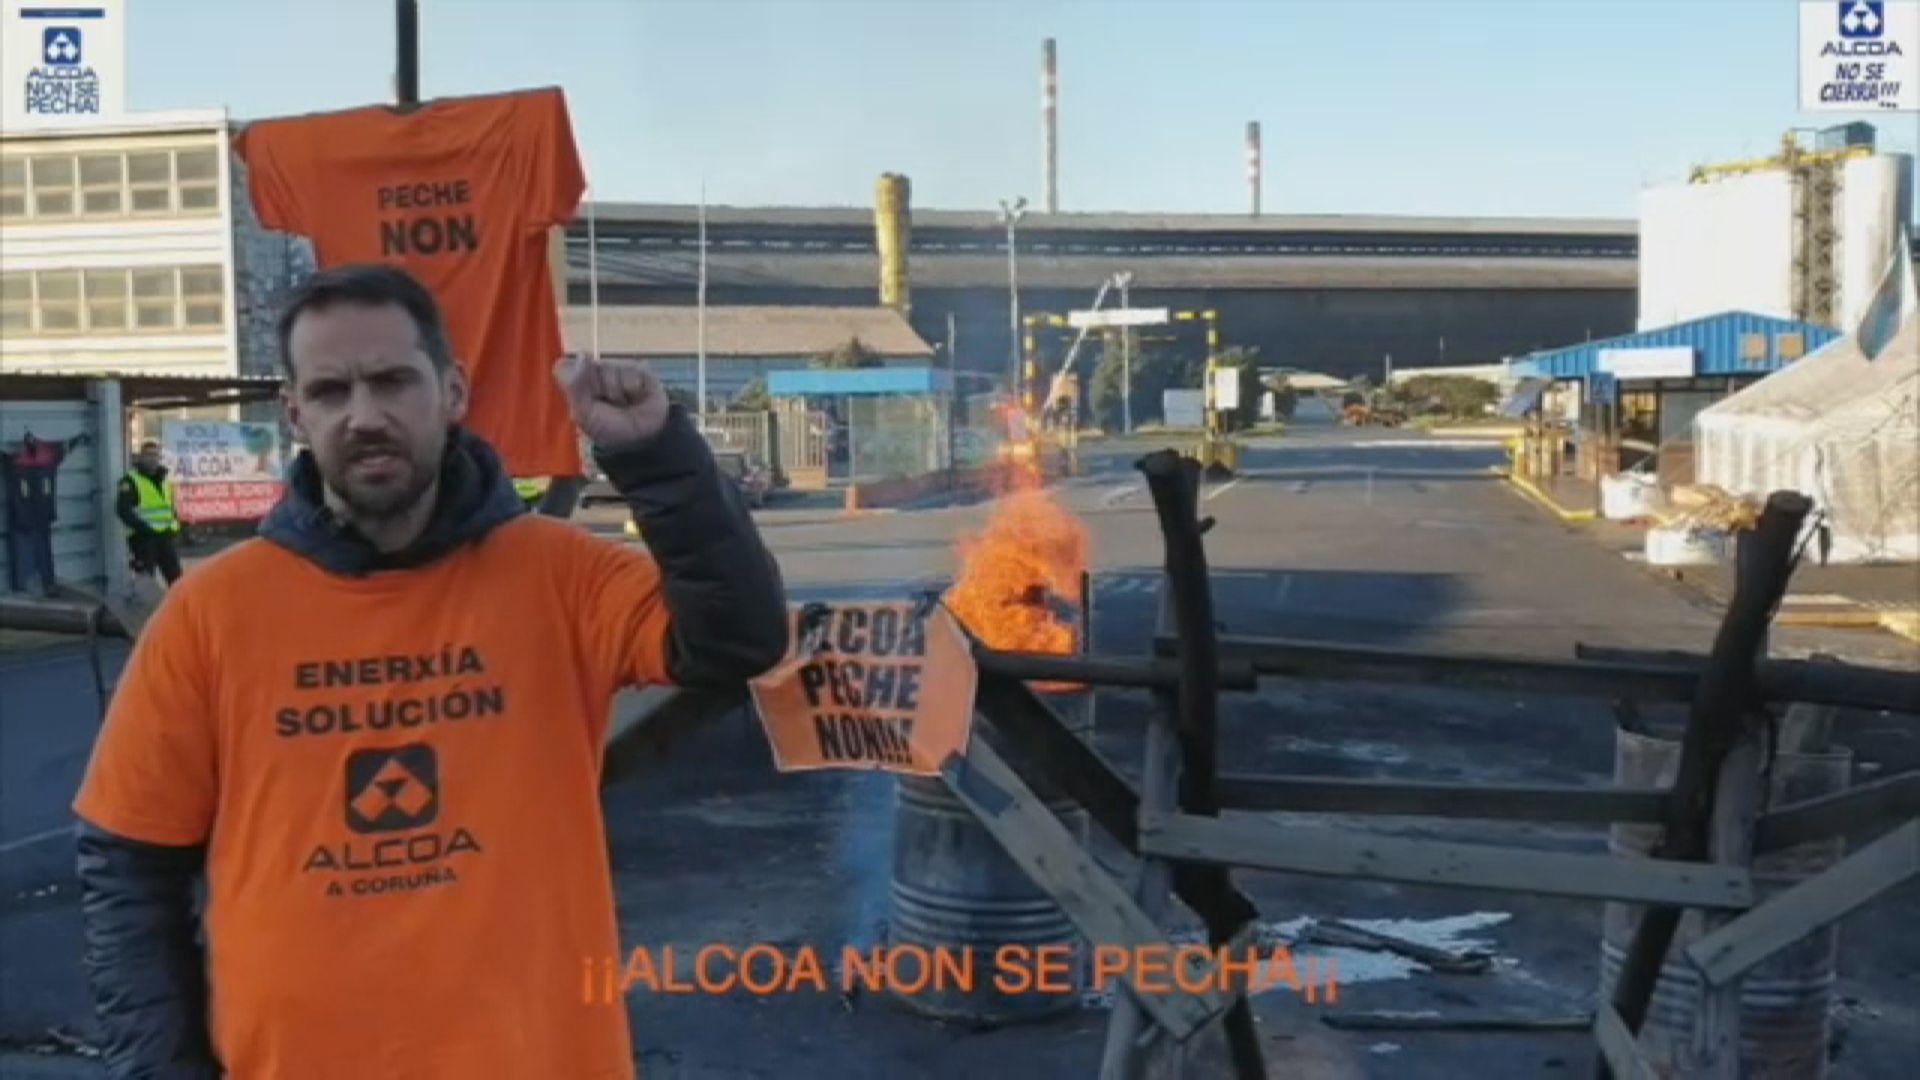 Empleados de Alcoa llaman a los trabajadores españoles a apoyar sus reivindicaciones ante Industria.Manifestación TUA en Oviedo